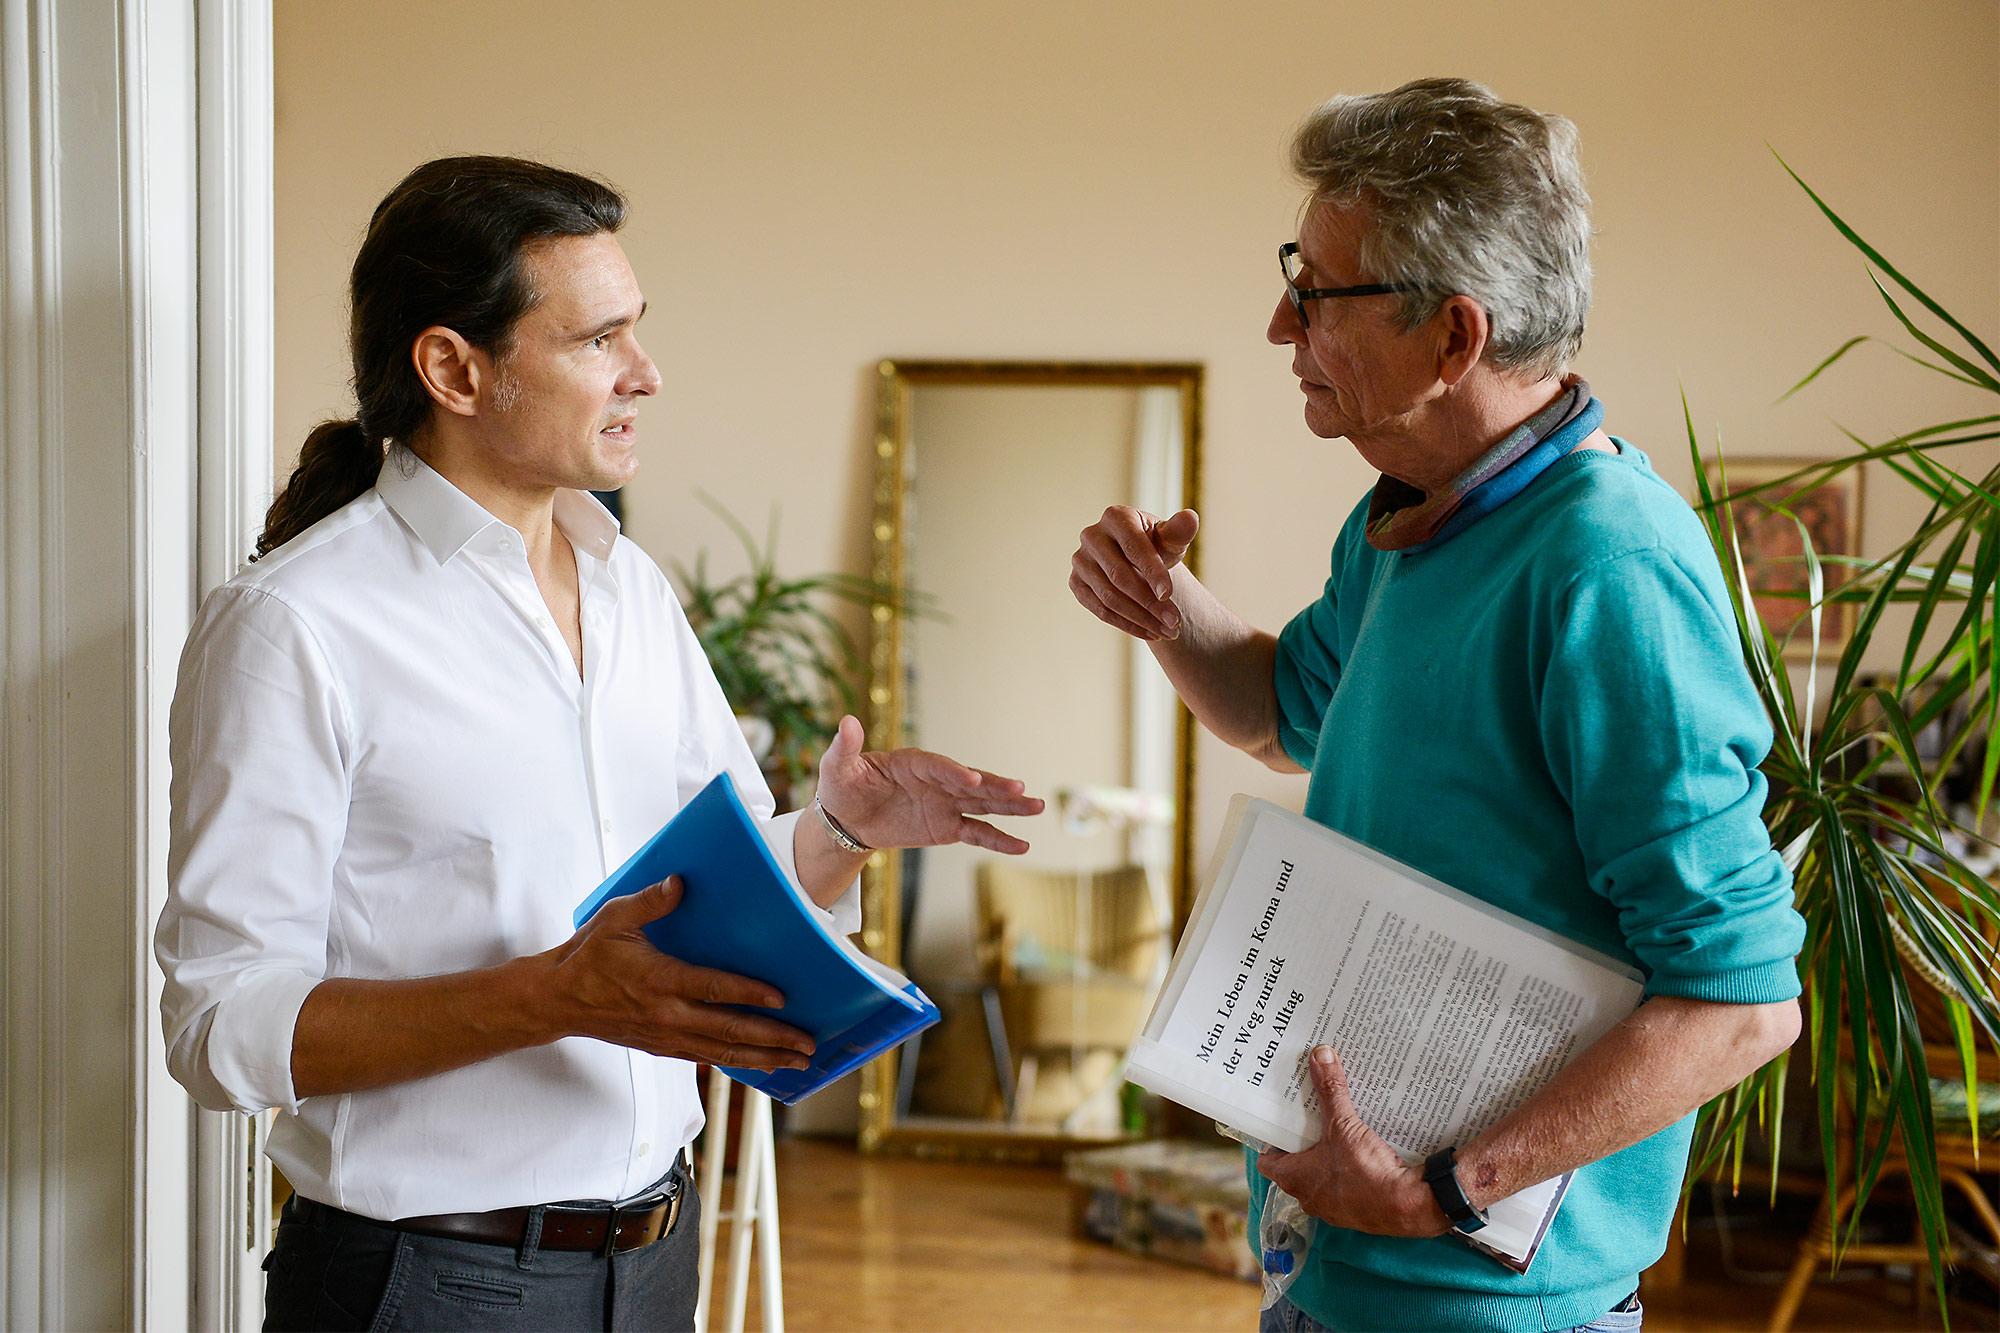 Dr-Tobias-Leis-im-Gespräch-mit-seinem-Patienten-Thomas-Pfundtner-nachdem-dieser-wieder-fit-war-Gemeinsam-studieren-die-beiden-die-Patientenunterlagen